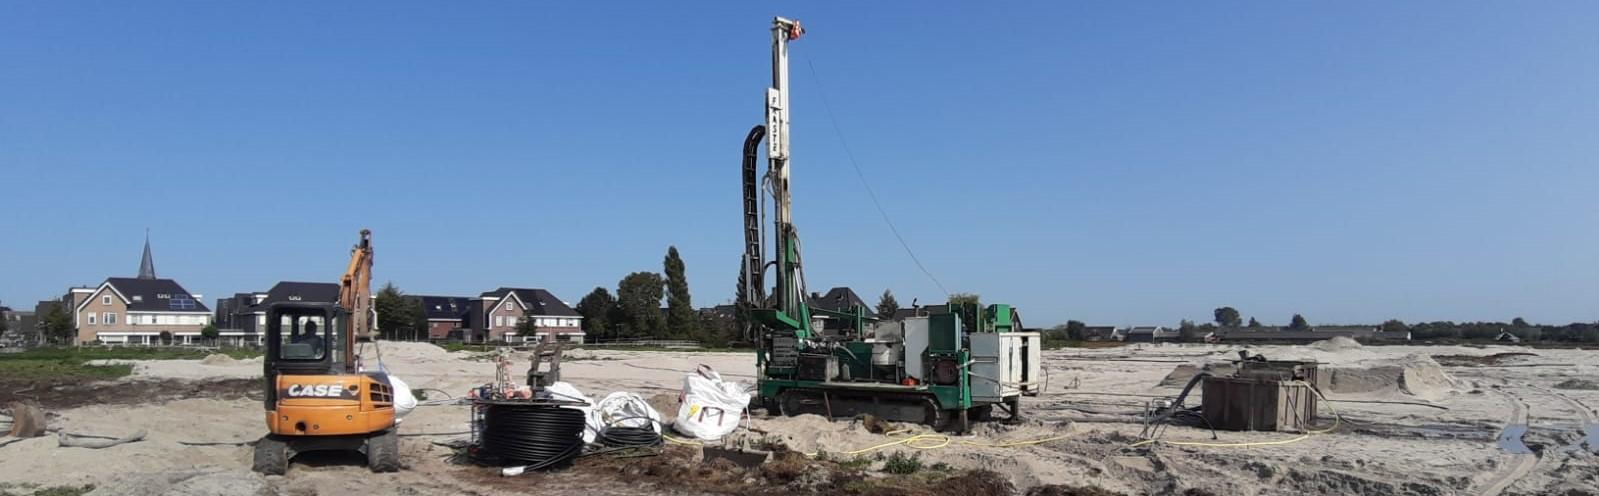 Als eerste op het bouwterrein om bodemwisselaars aan te leggen. Perfecte boorlocatie voor de bouw uit.